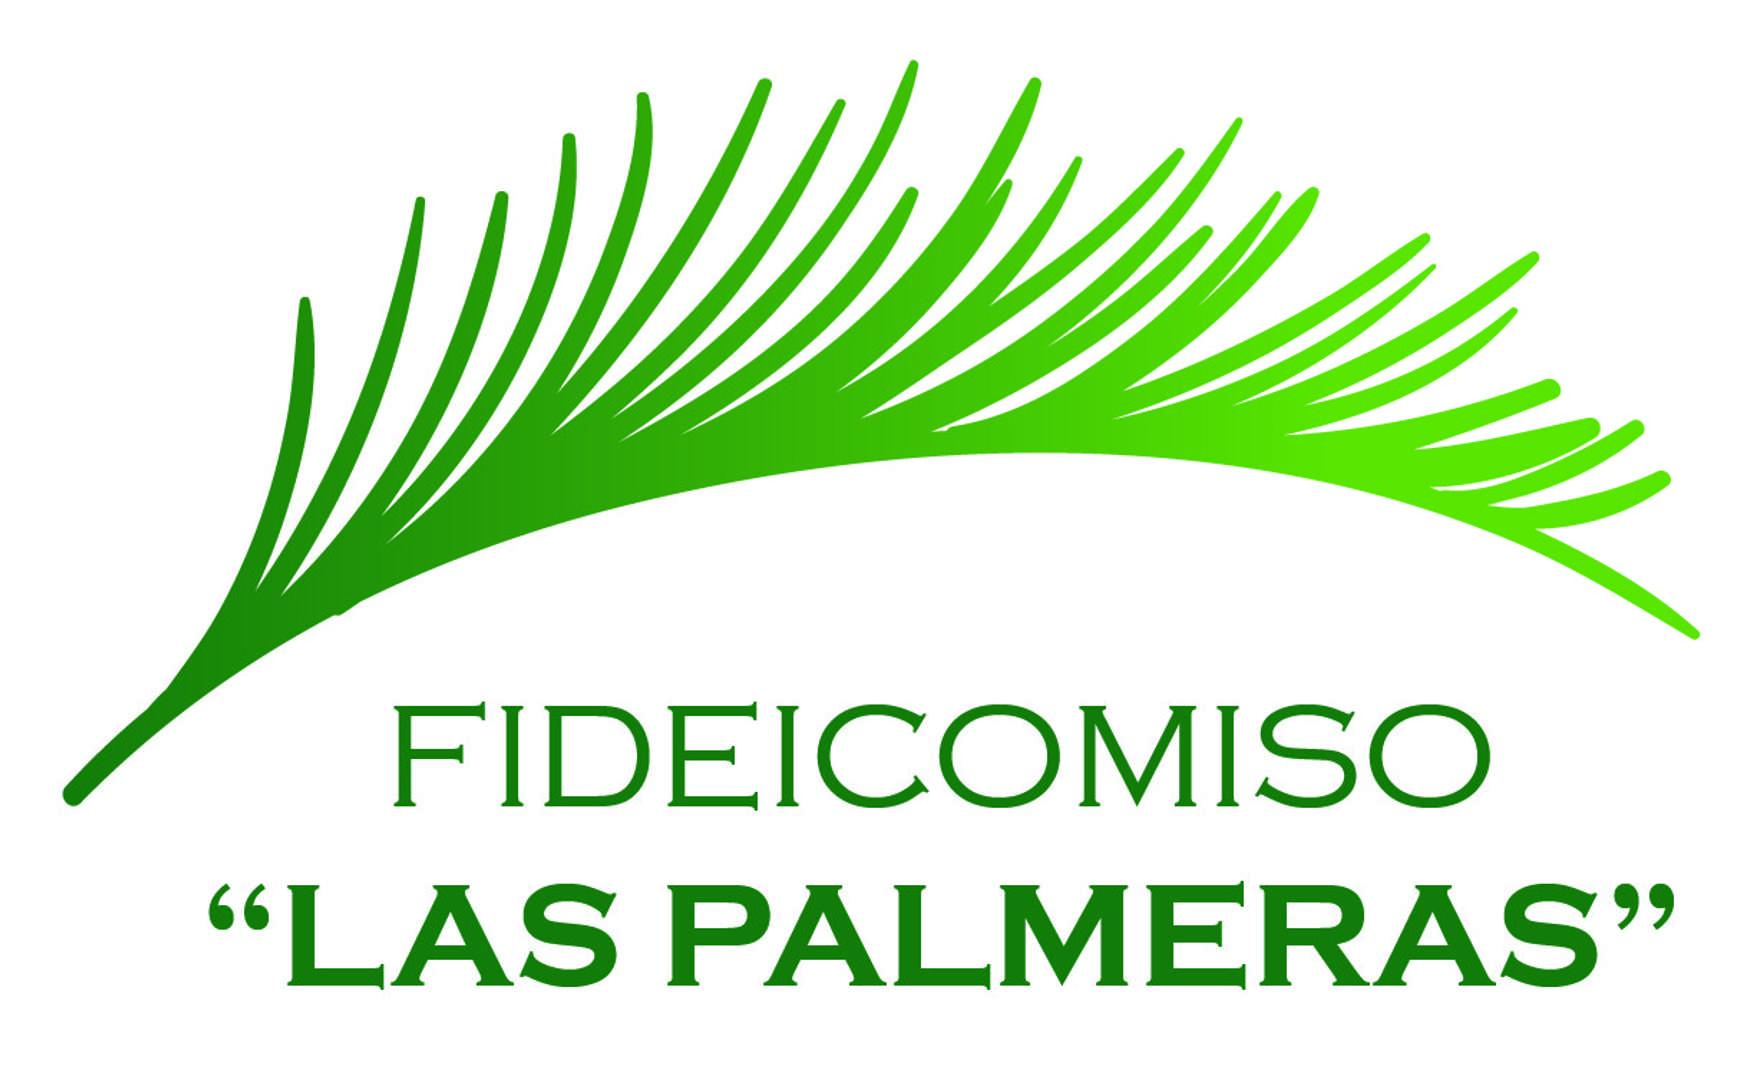 FIDEICOMISO LAS PALMERAS